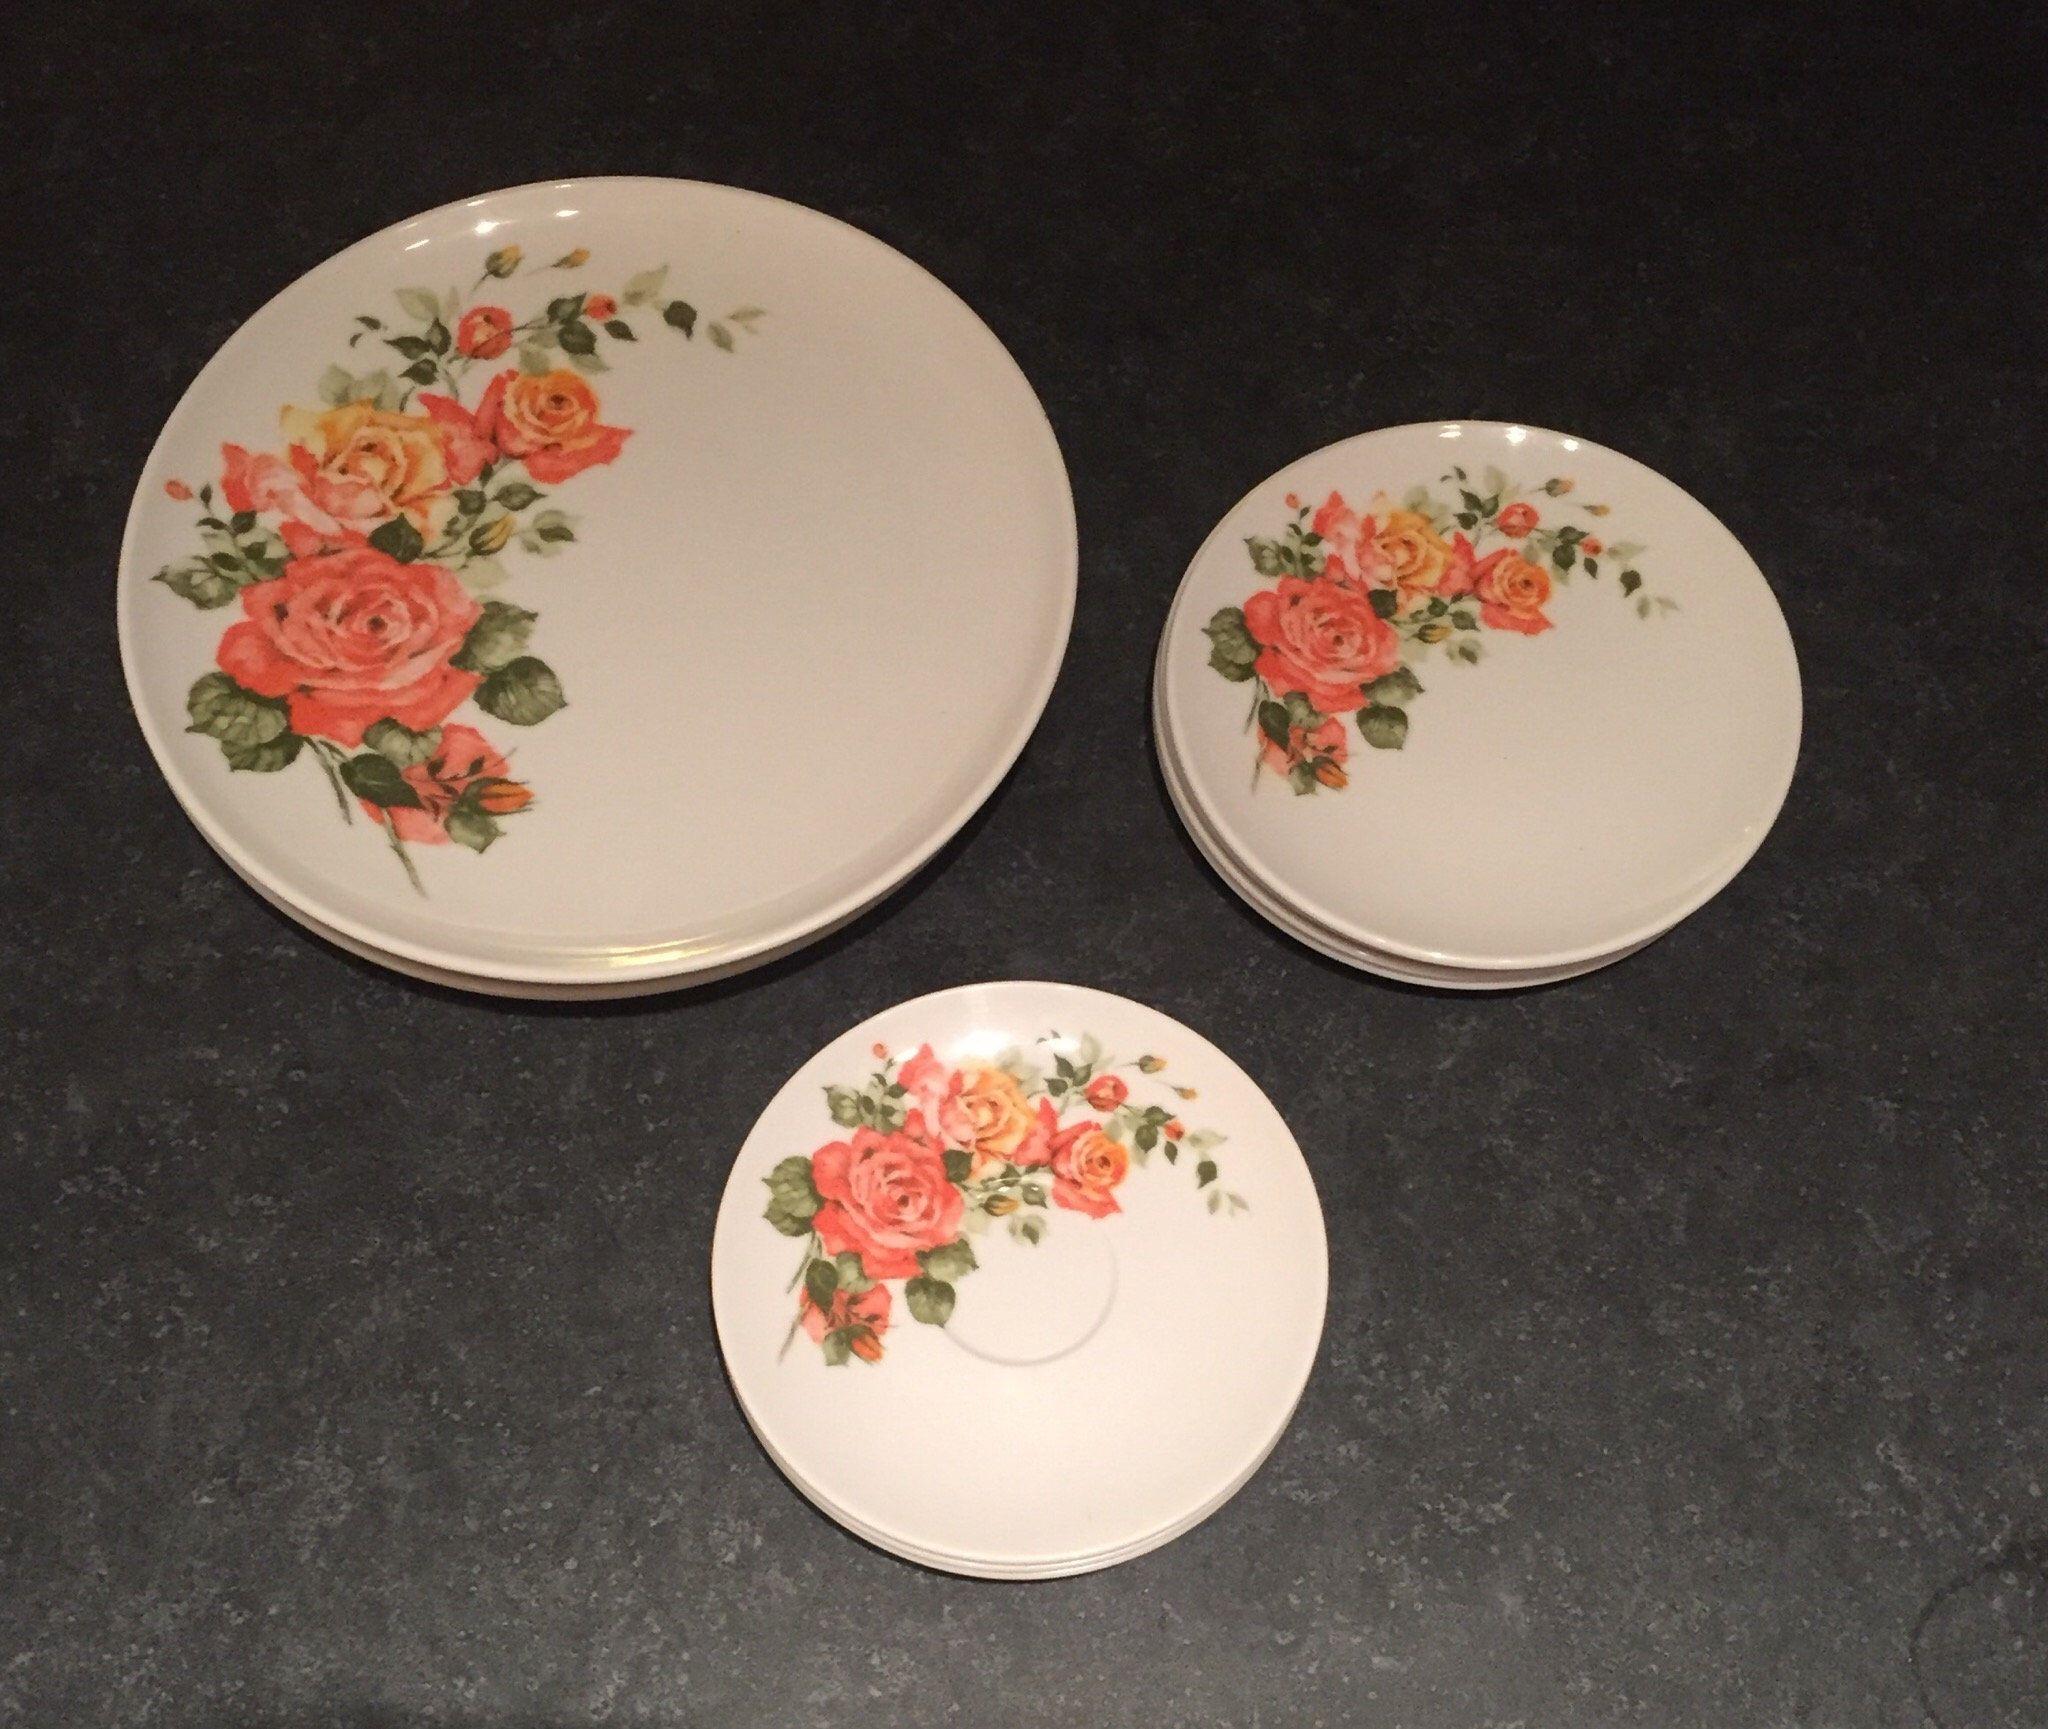 Vintage Dorchester Melmac Melamine Plates Coral Floral Design